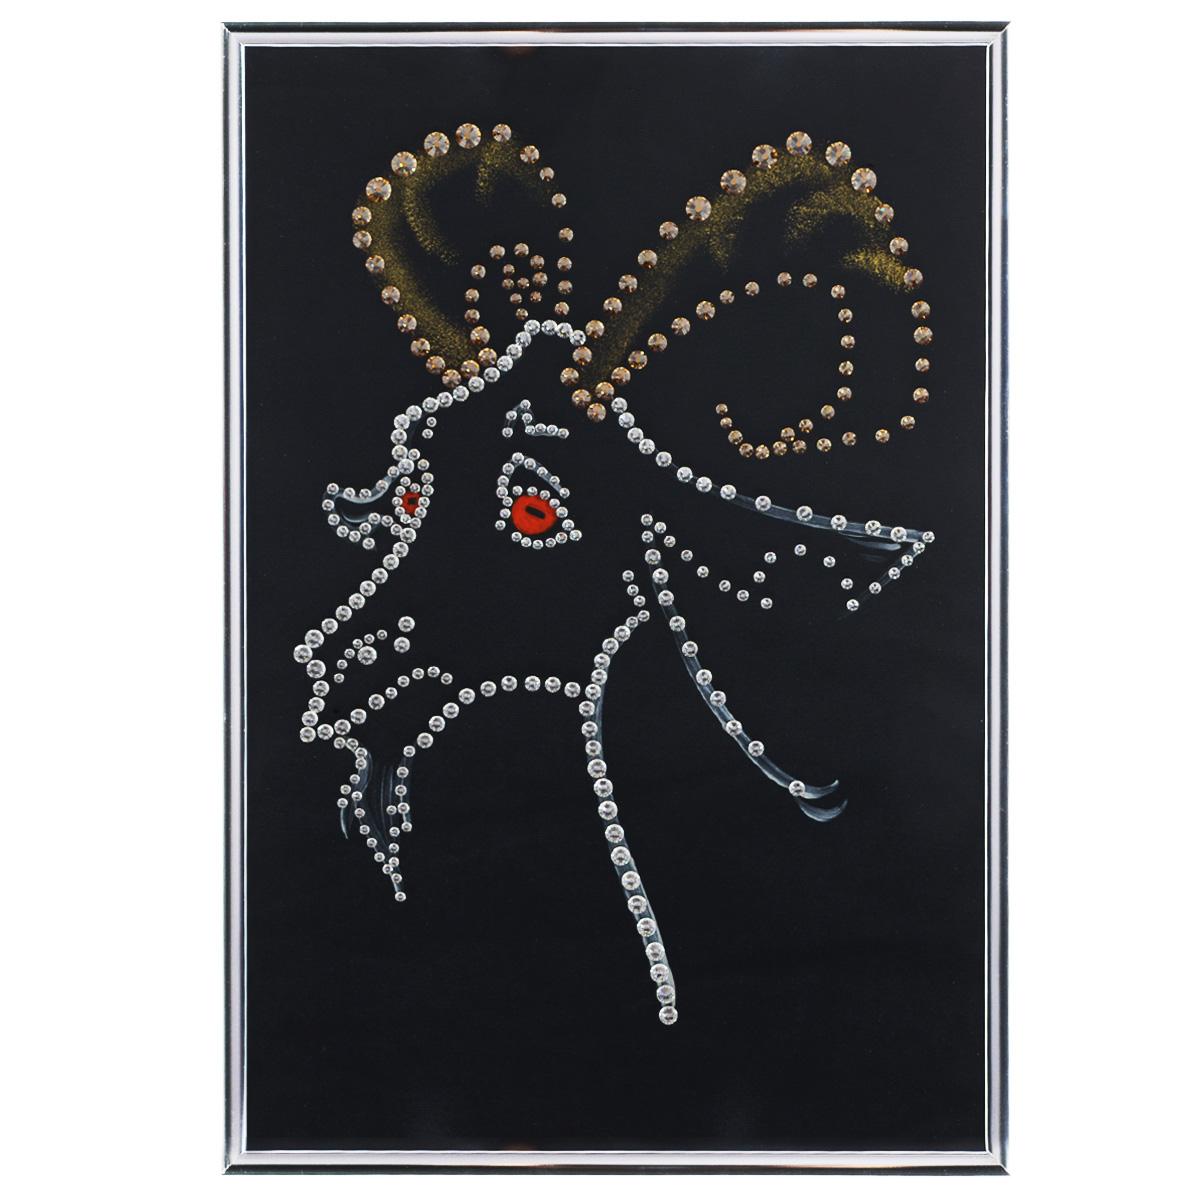 Картина с кристаллами Swarovski Подарок года, 20 х 30 смM6 (200х120)Изящная картина в металлической раме, инкрустирована кристаллами Swarovski, которые отличаются четкой и ровной огранкой, ярким блеском и чистотой цвета. Красочное изображение козла, расположенное под стеклом, прекрасно дополняет блеск кристаллов. С обратной стороны имеется металлическая петелька для размещения картины на стене. Картина с кристаллами Swarovski Подарок года элегантно украсит интерьер дома или офиса, а также станет прекрасным подарком, который обязательно понравится получателю. Блеск кристаллов в интерьере, что может быть сказочнее и удивительнее. Картина упакована в подарочную картонную коробку синего цвета и комплектуется сертификатом соответствия Swarovski. Количество кристаллов: 300 шт. Размер картины: 20 см х 30 см.